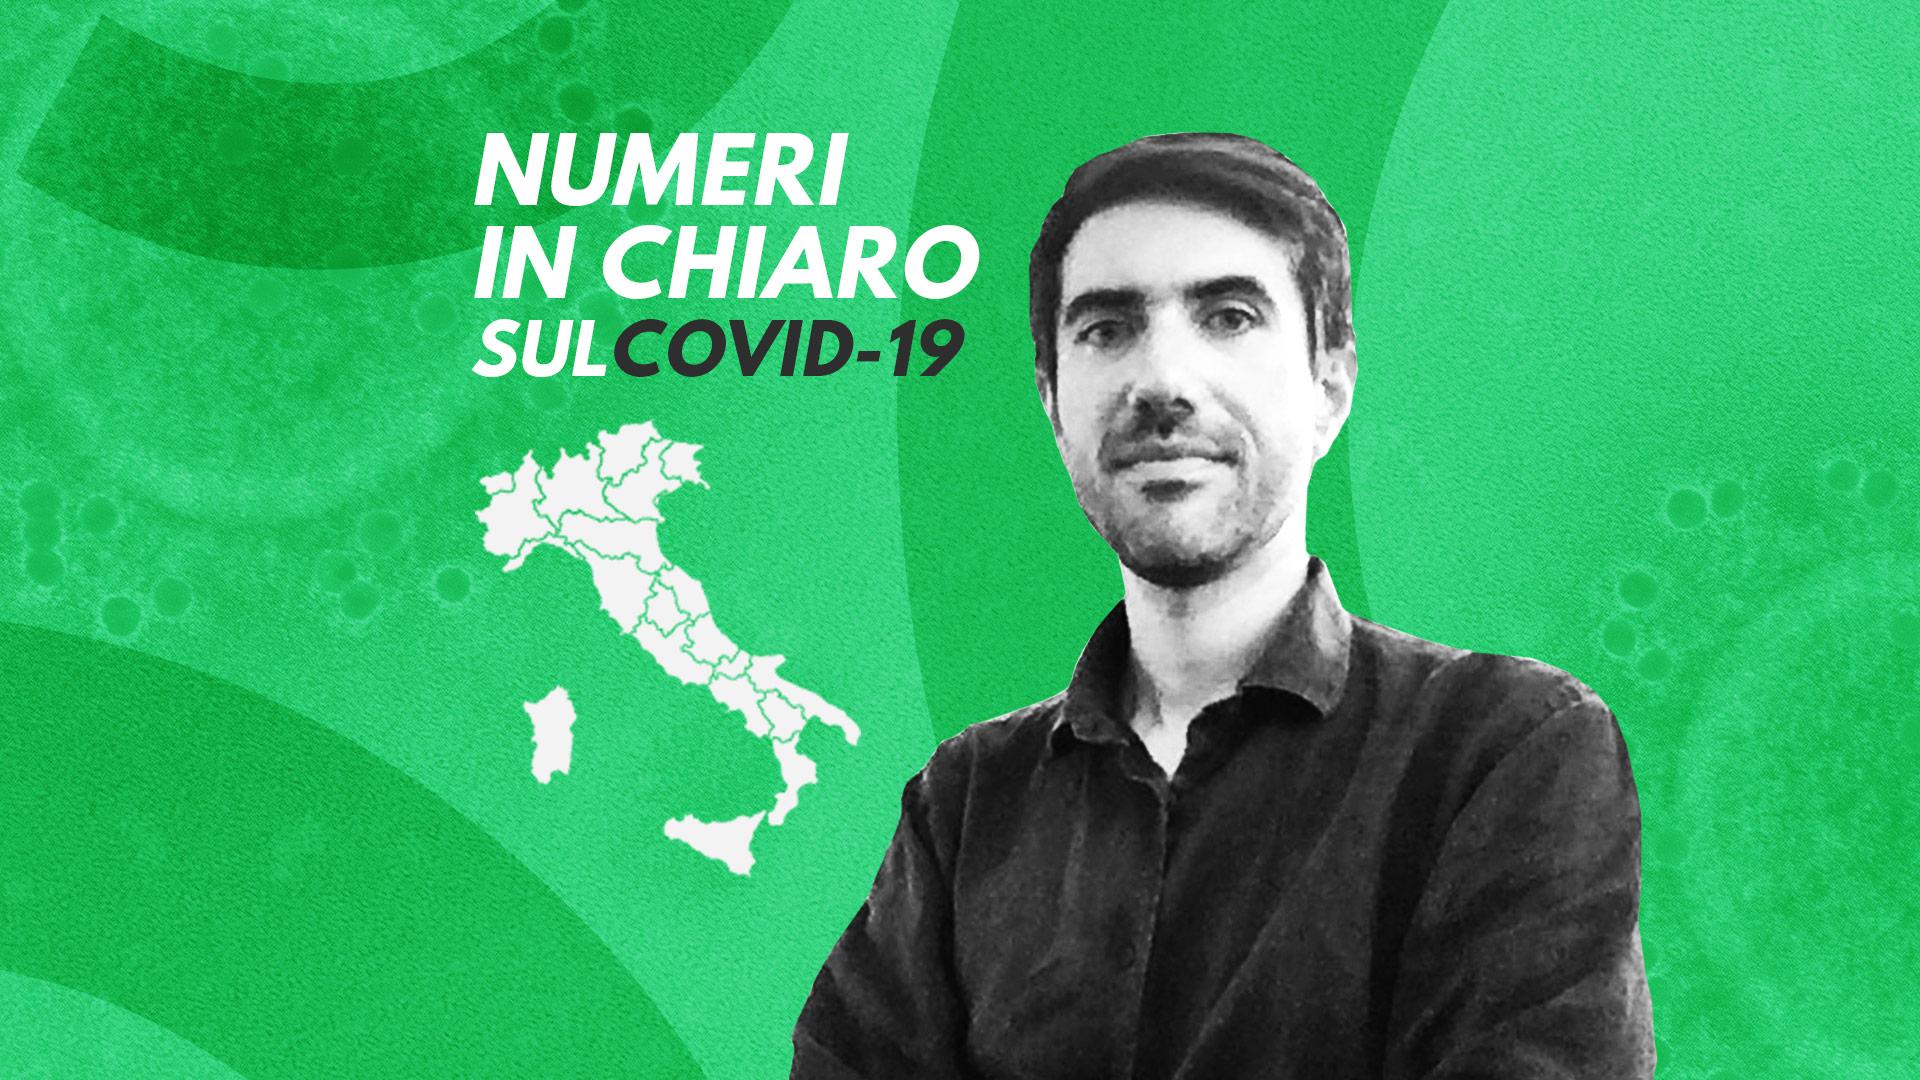 Coronavirus, i numeri in chiaro. Tizzoni: «Inevitabile l'aumento dei decessi. Il dato sui positivi in Italia? Potrebbero essere sei volte tanti»